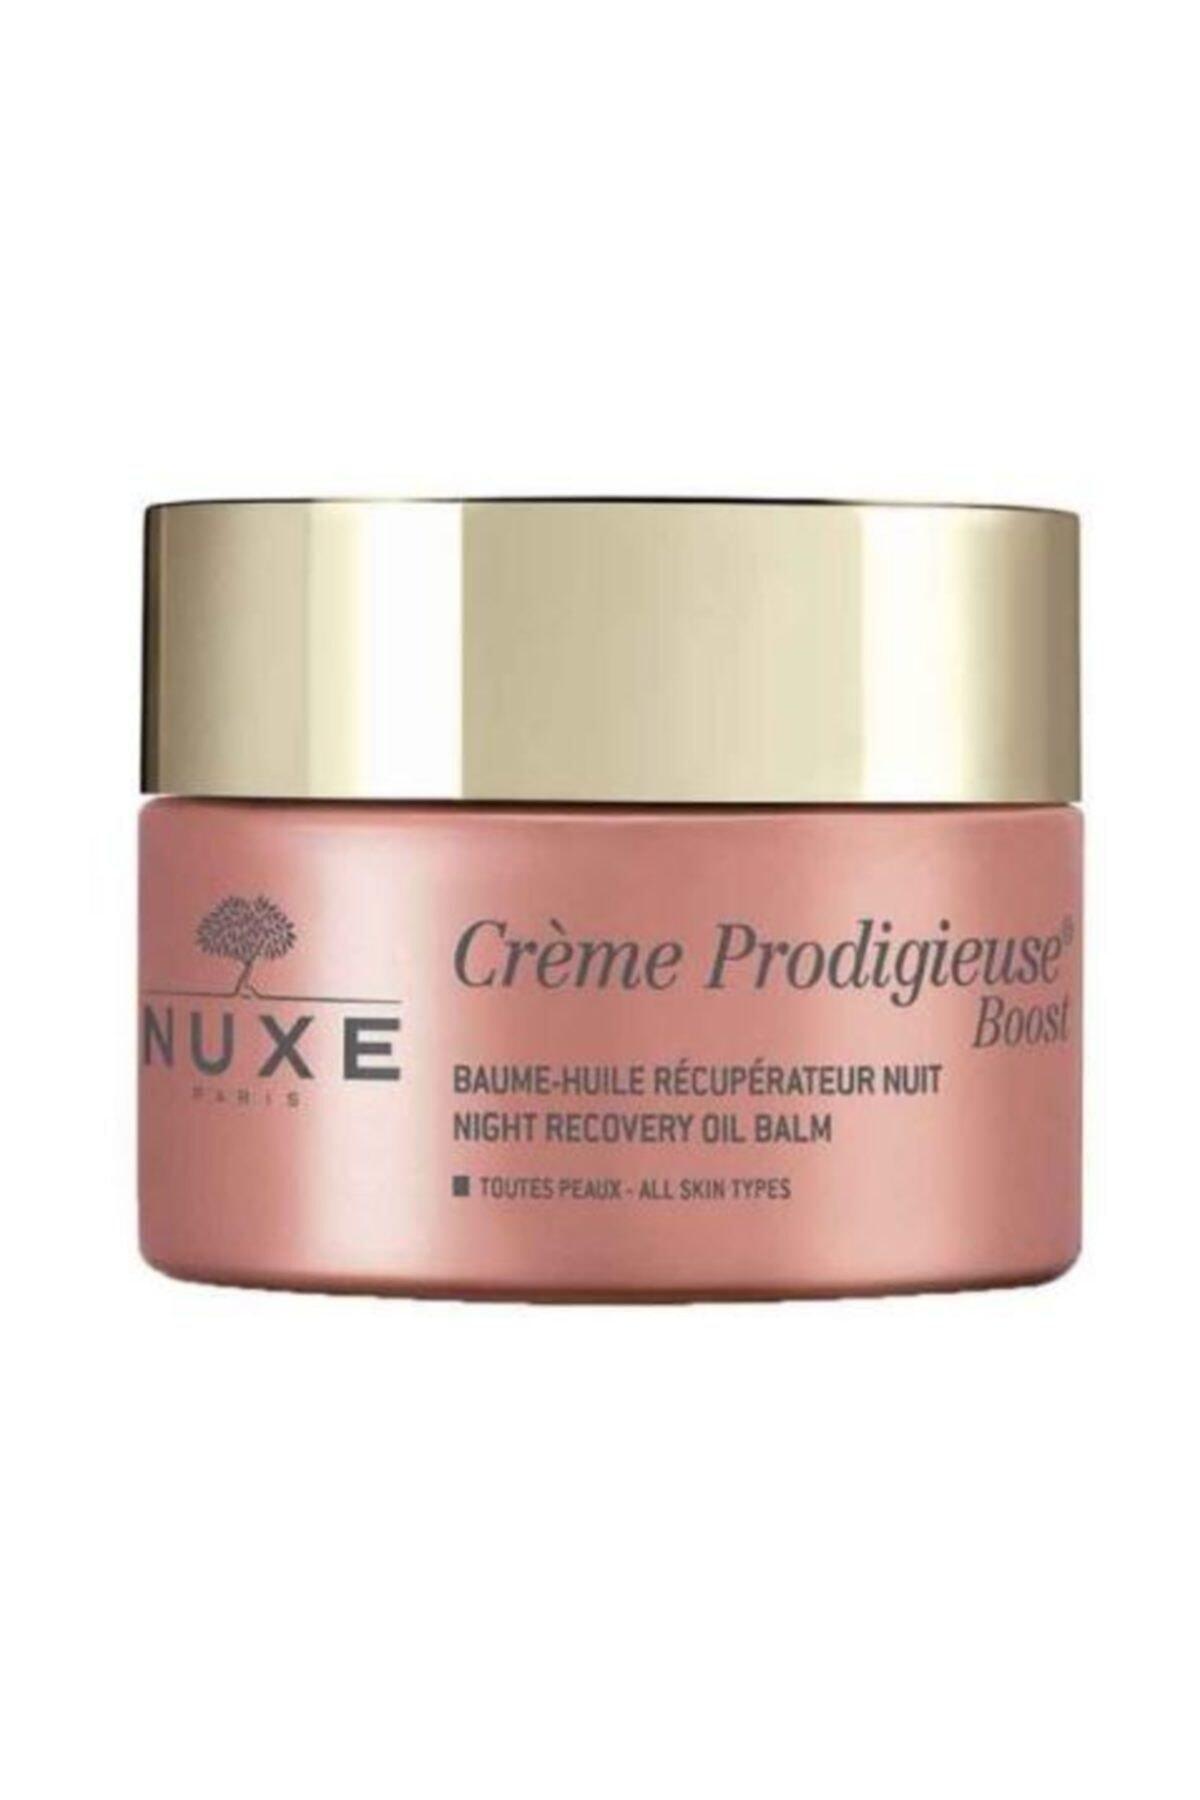 Nuxe Tüm Cilt Tipleri Için Gece Balsamı - Creme Prodigieuse Boost Night Recovery 50 ml 3264680015854 1